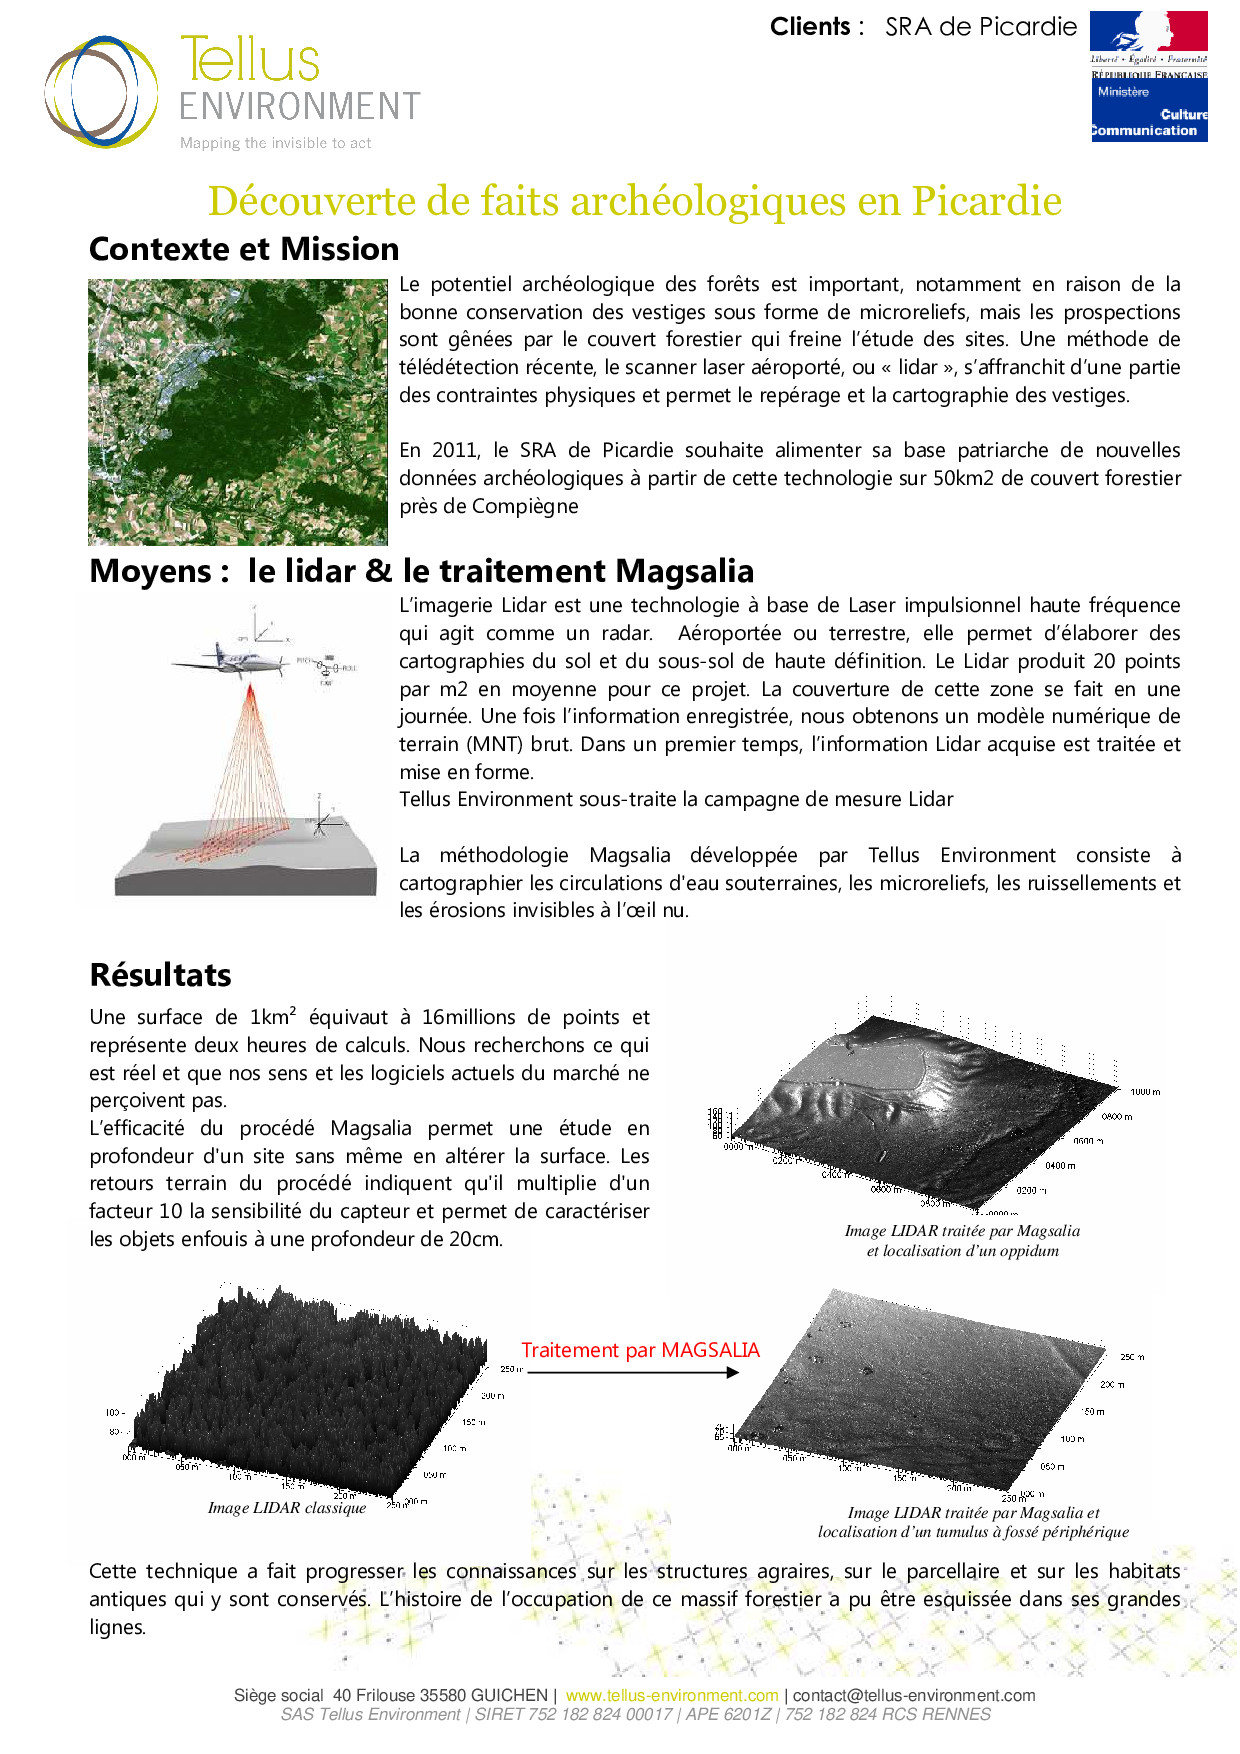 4 Tellus Environment Découverte archéologique aéroporté Lidar p001 - Tellus Environment